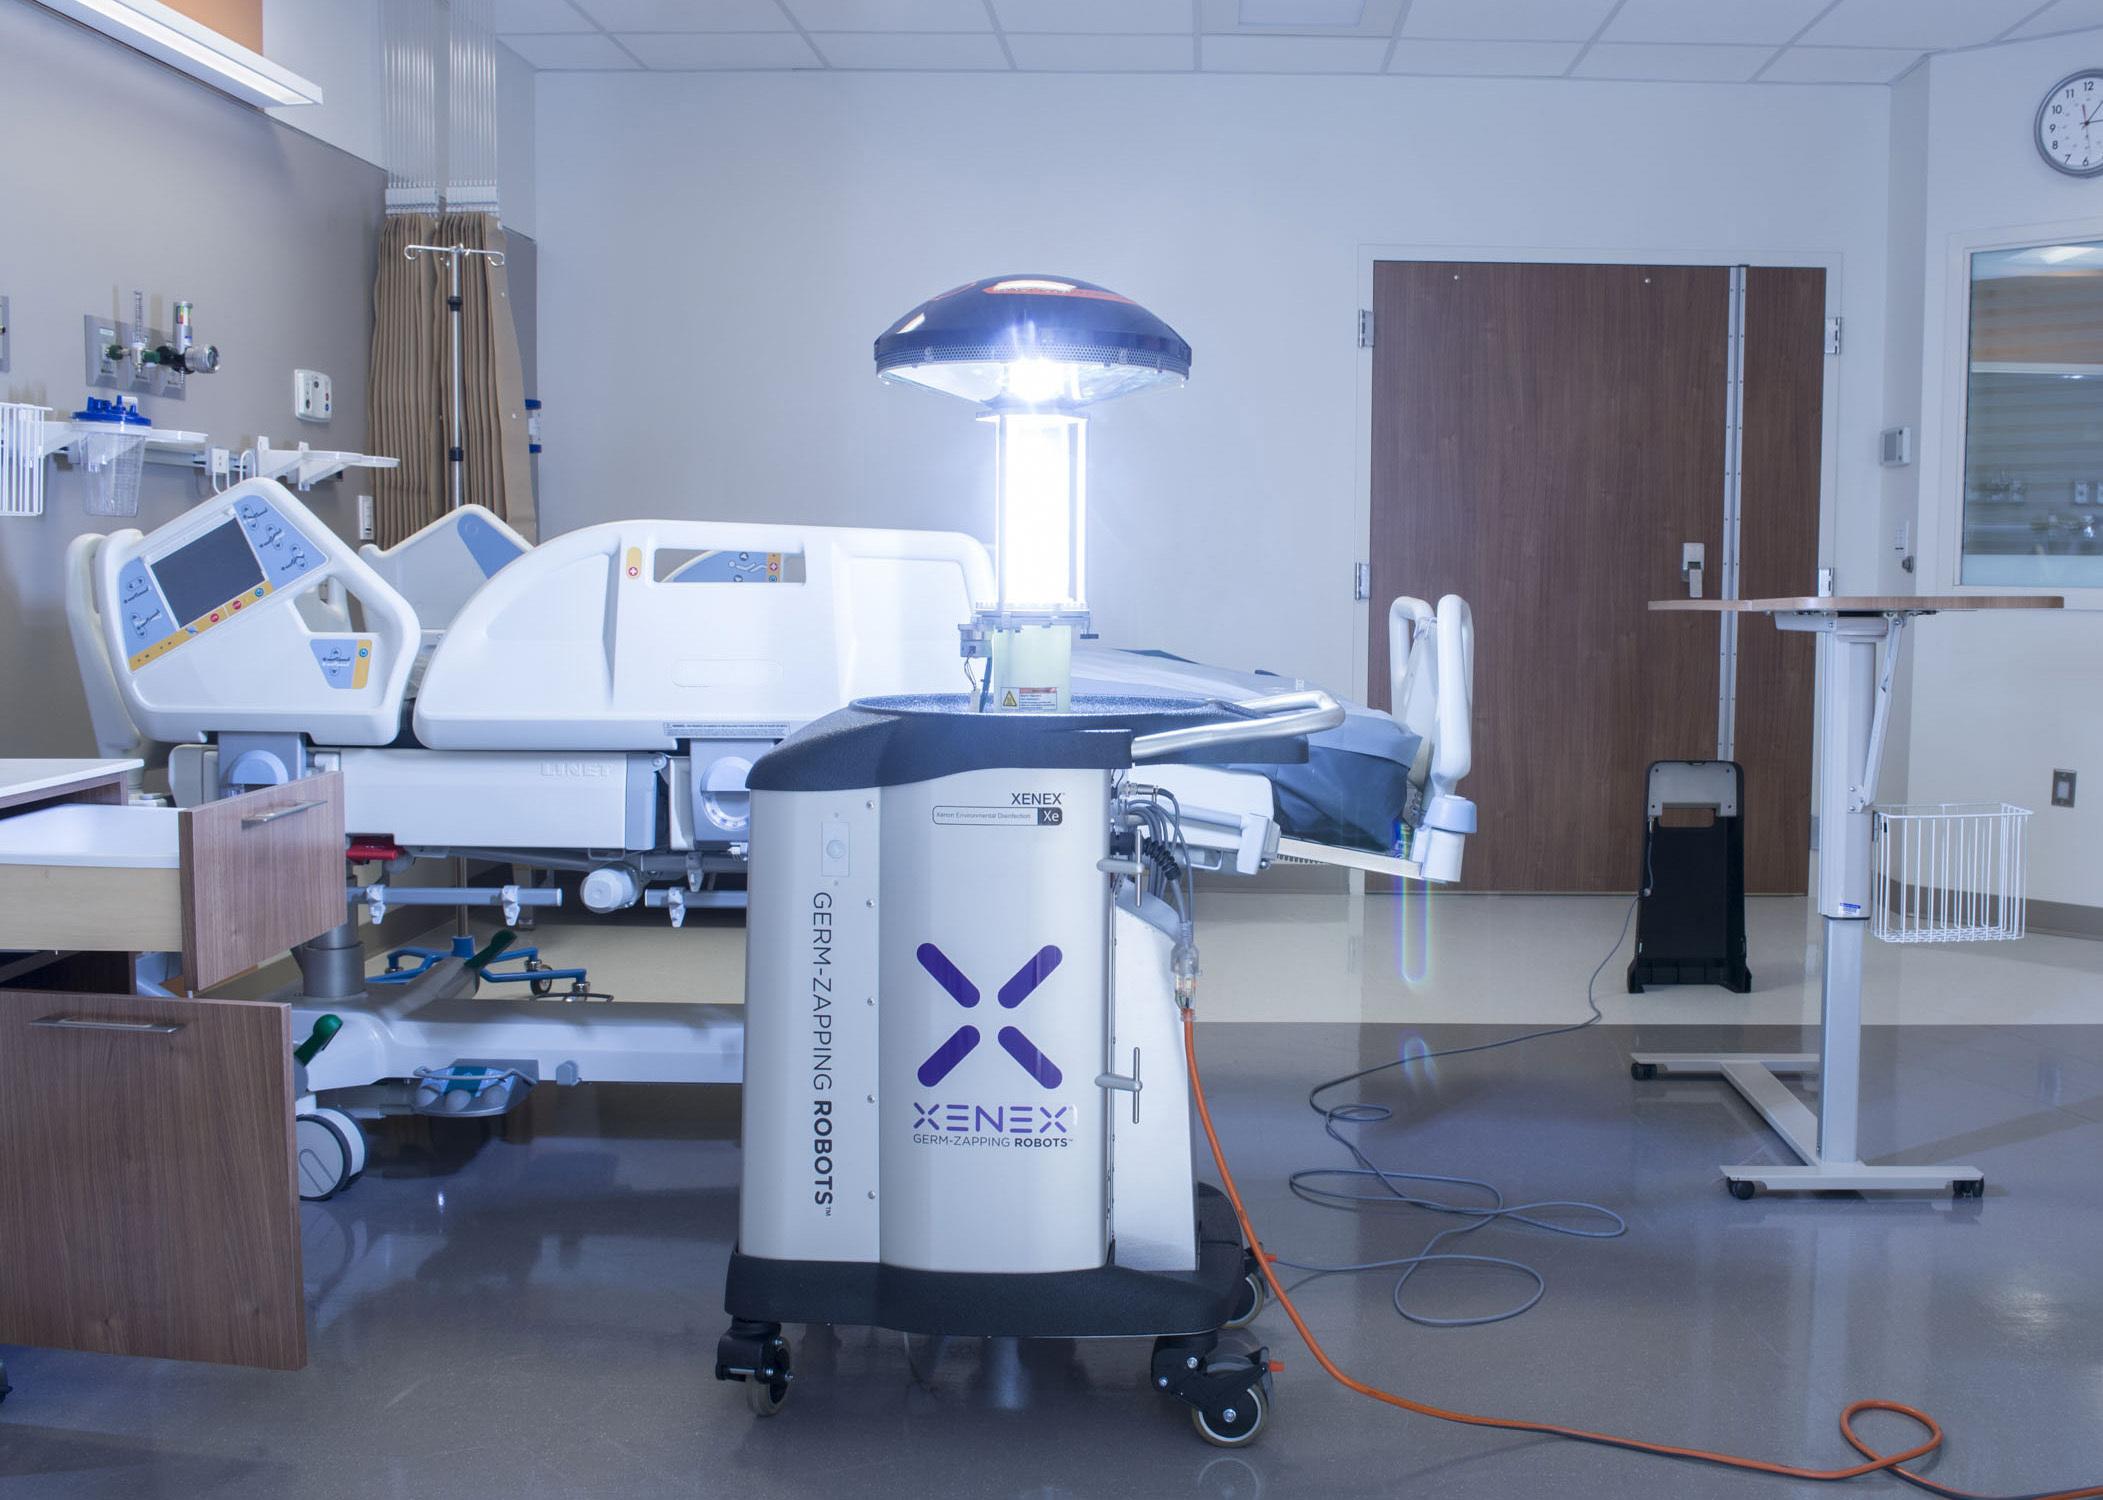 Xenex Germ-Zapping Robot Kills CRE; Robot Destroys Nightmare ...